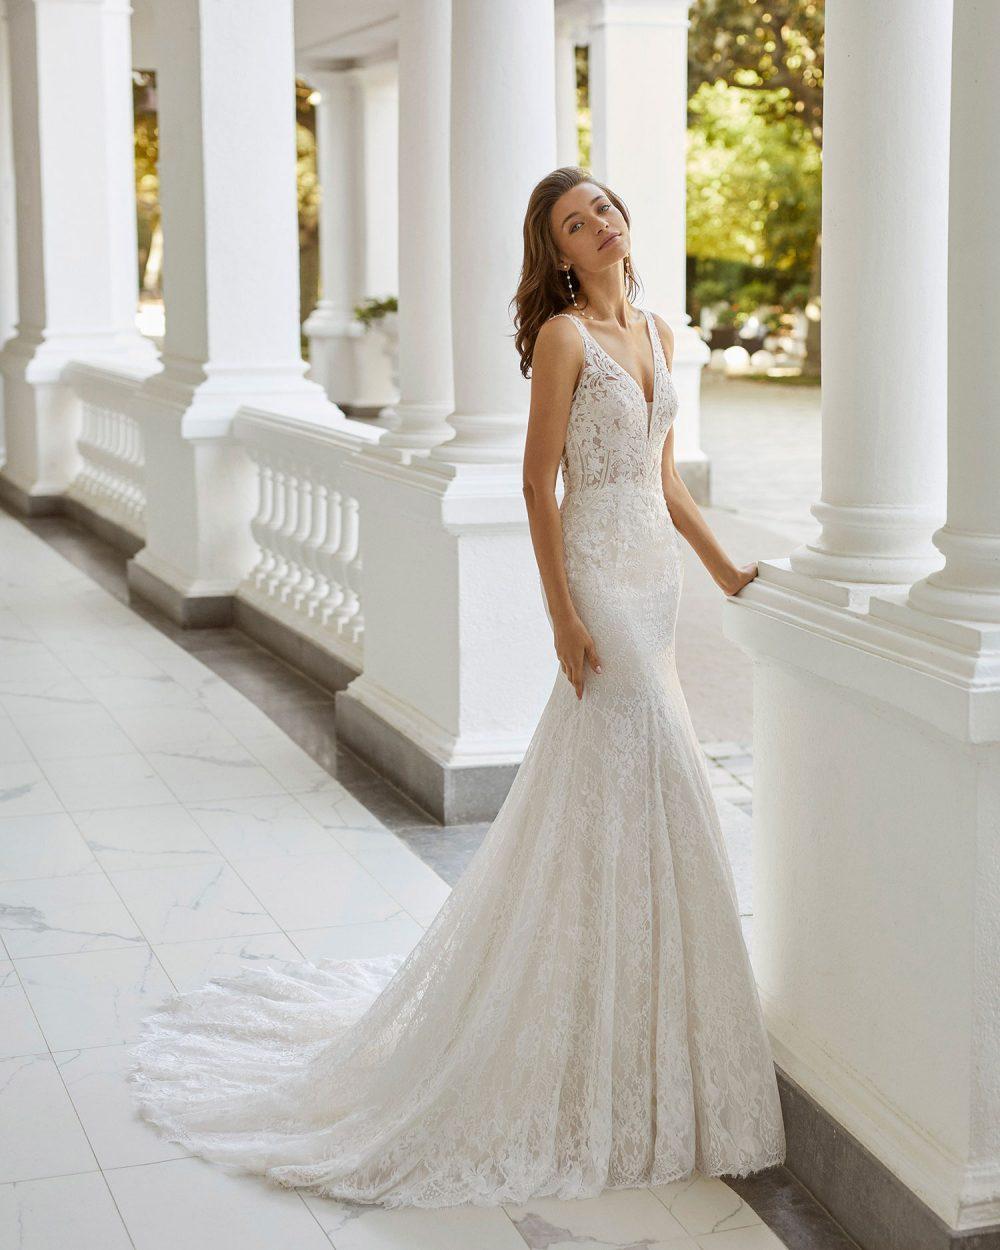 Rosa Clarà 2022 abito vestito sposa Vicenza SAONA